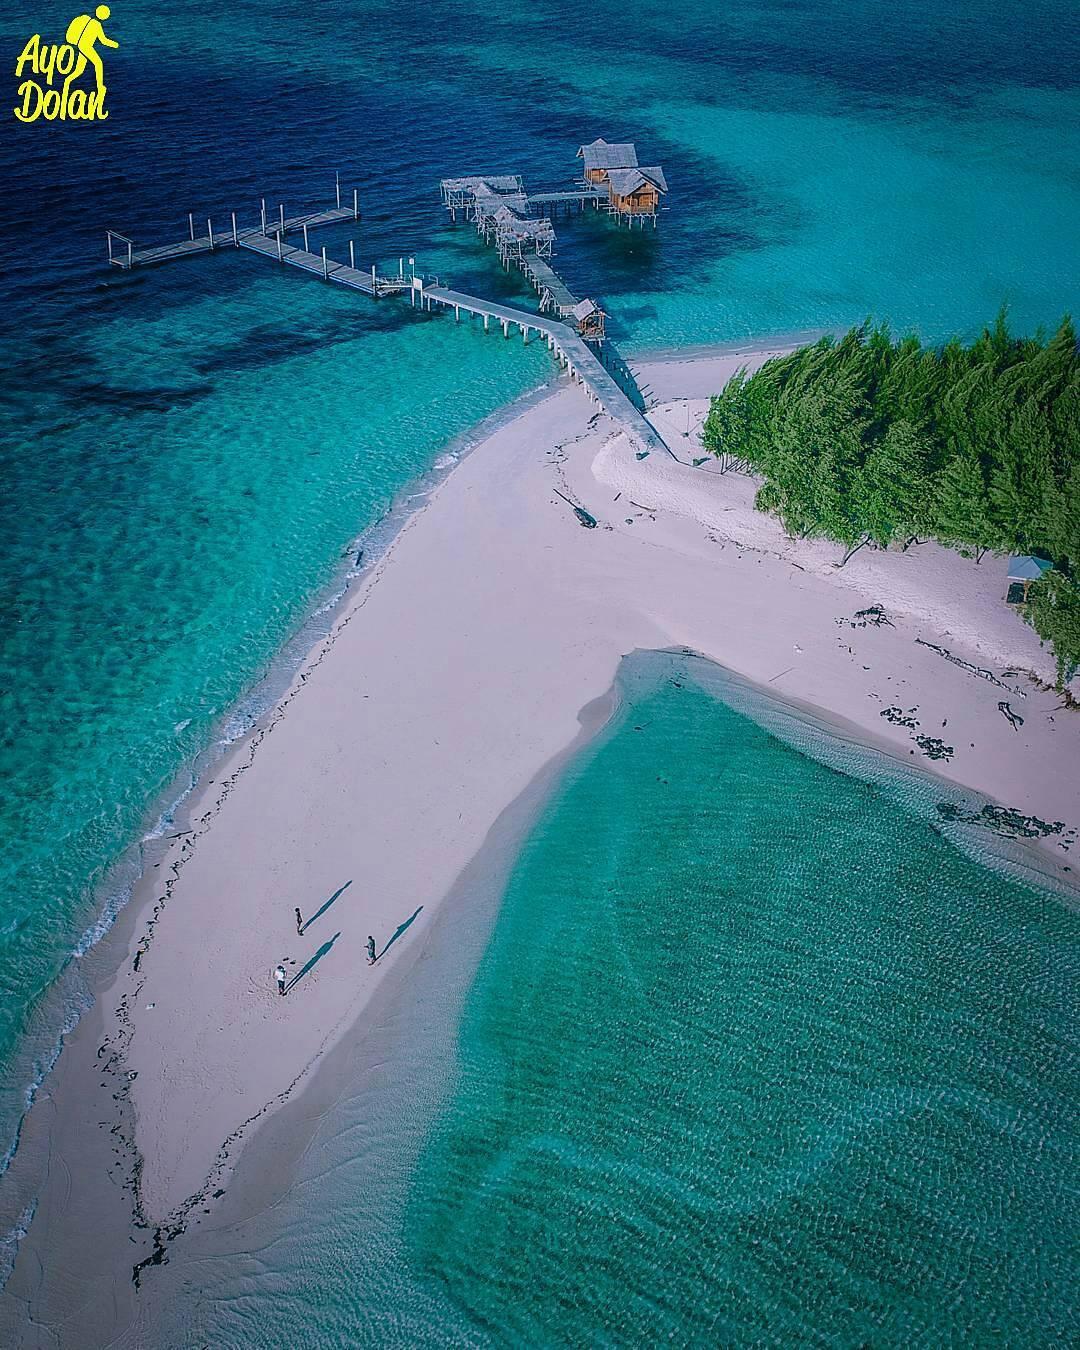 Gorontalo Tak Disangka Keindahannya Rekreasi Alam Wisata Pulau Saronde Pantai